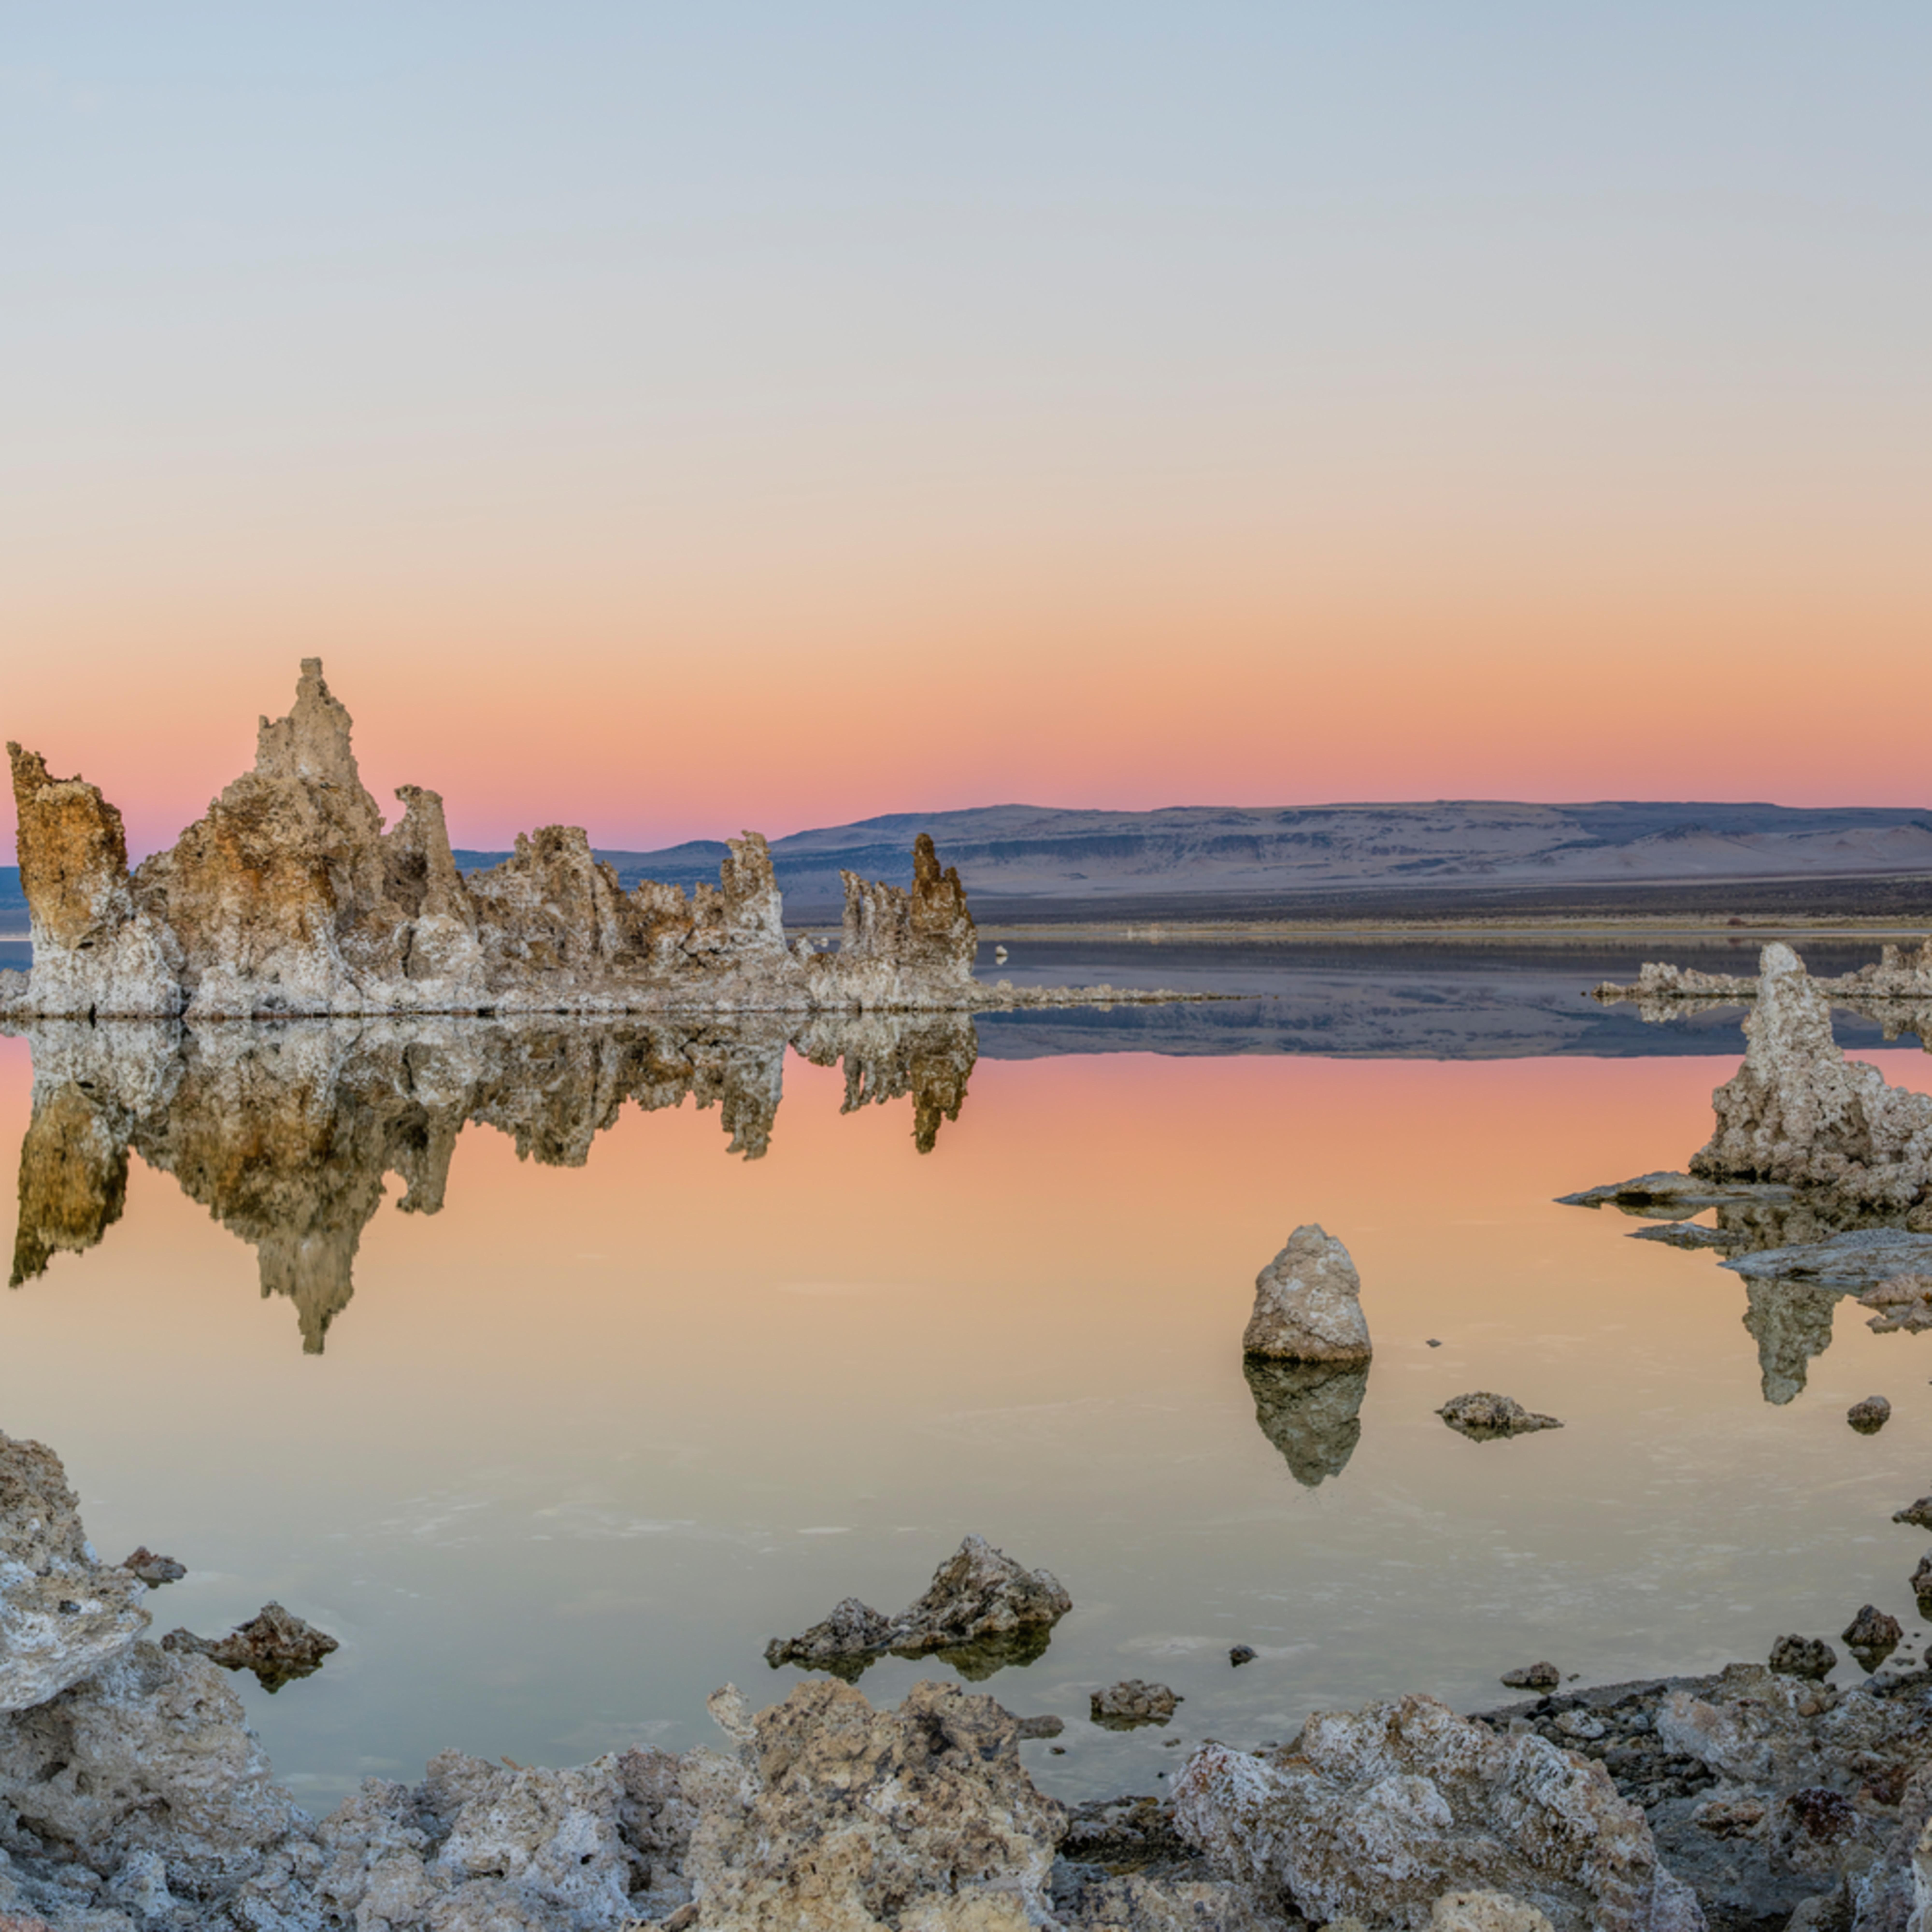 Mono lake sunset bzy9bj